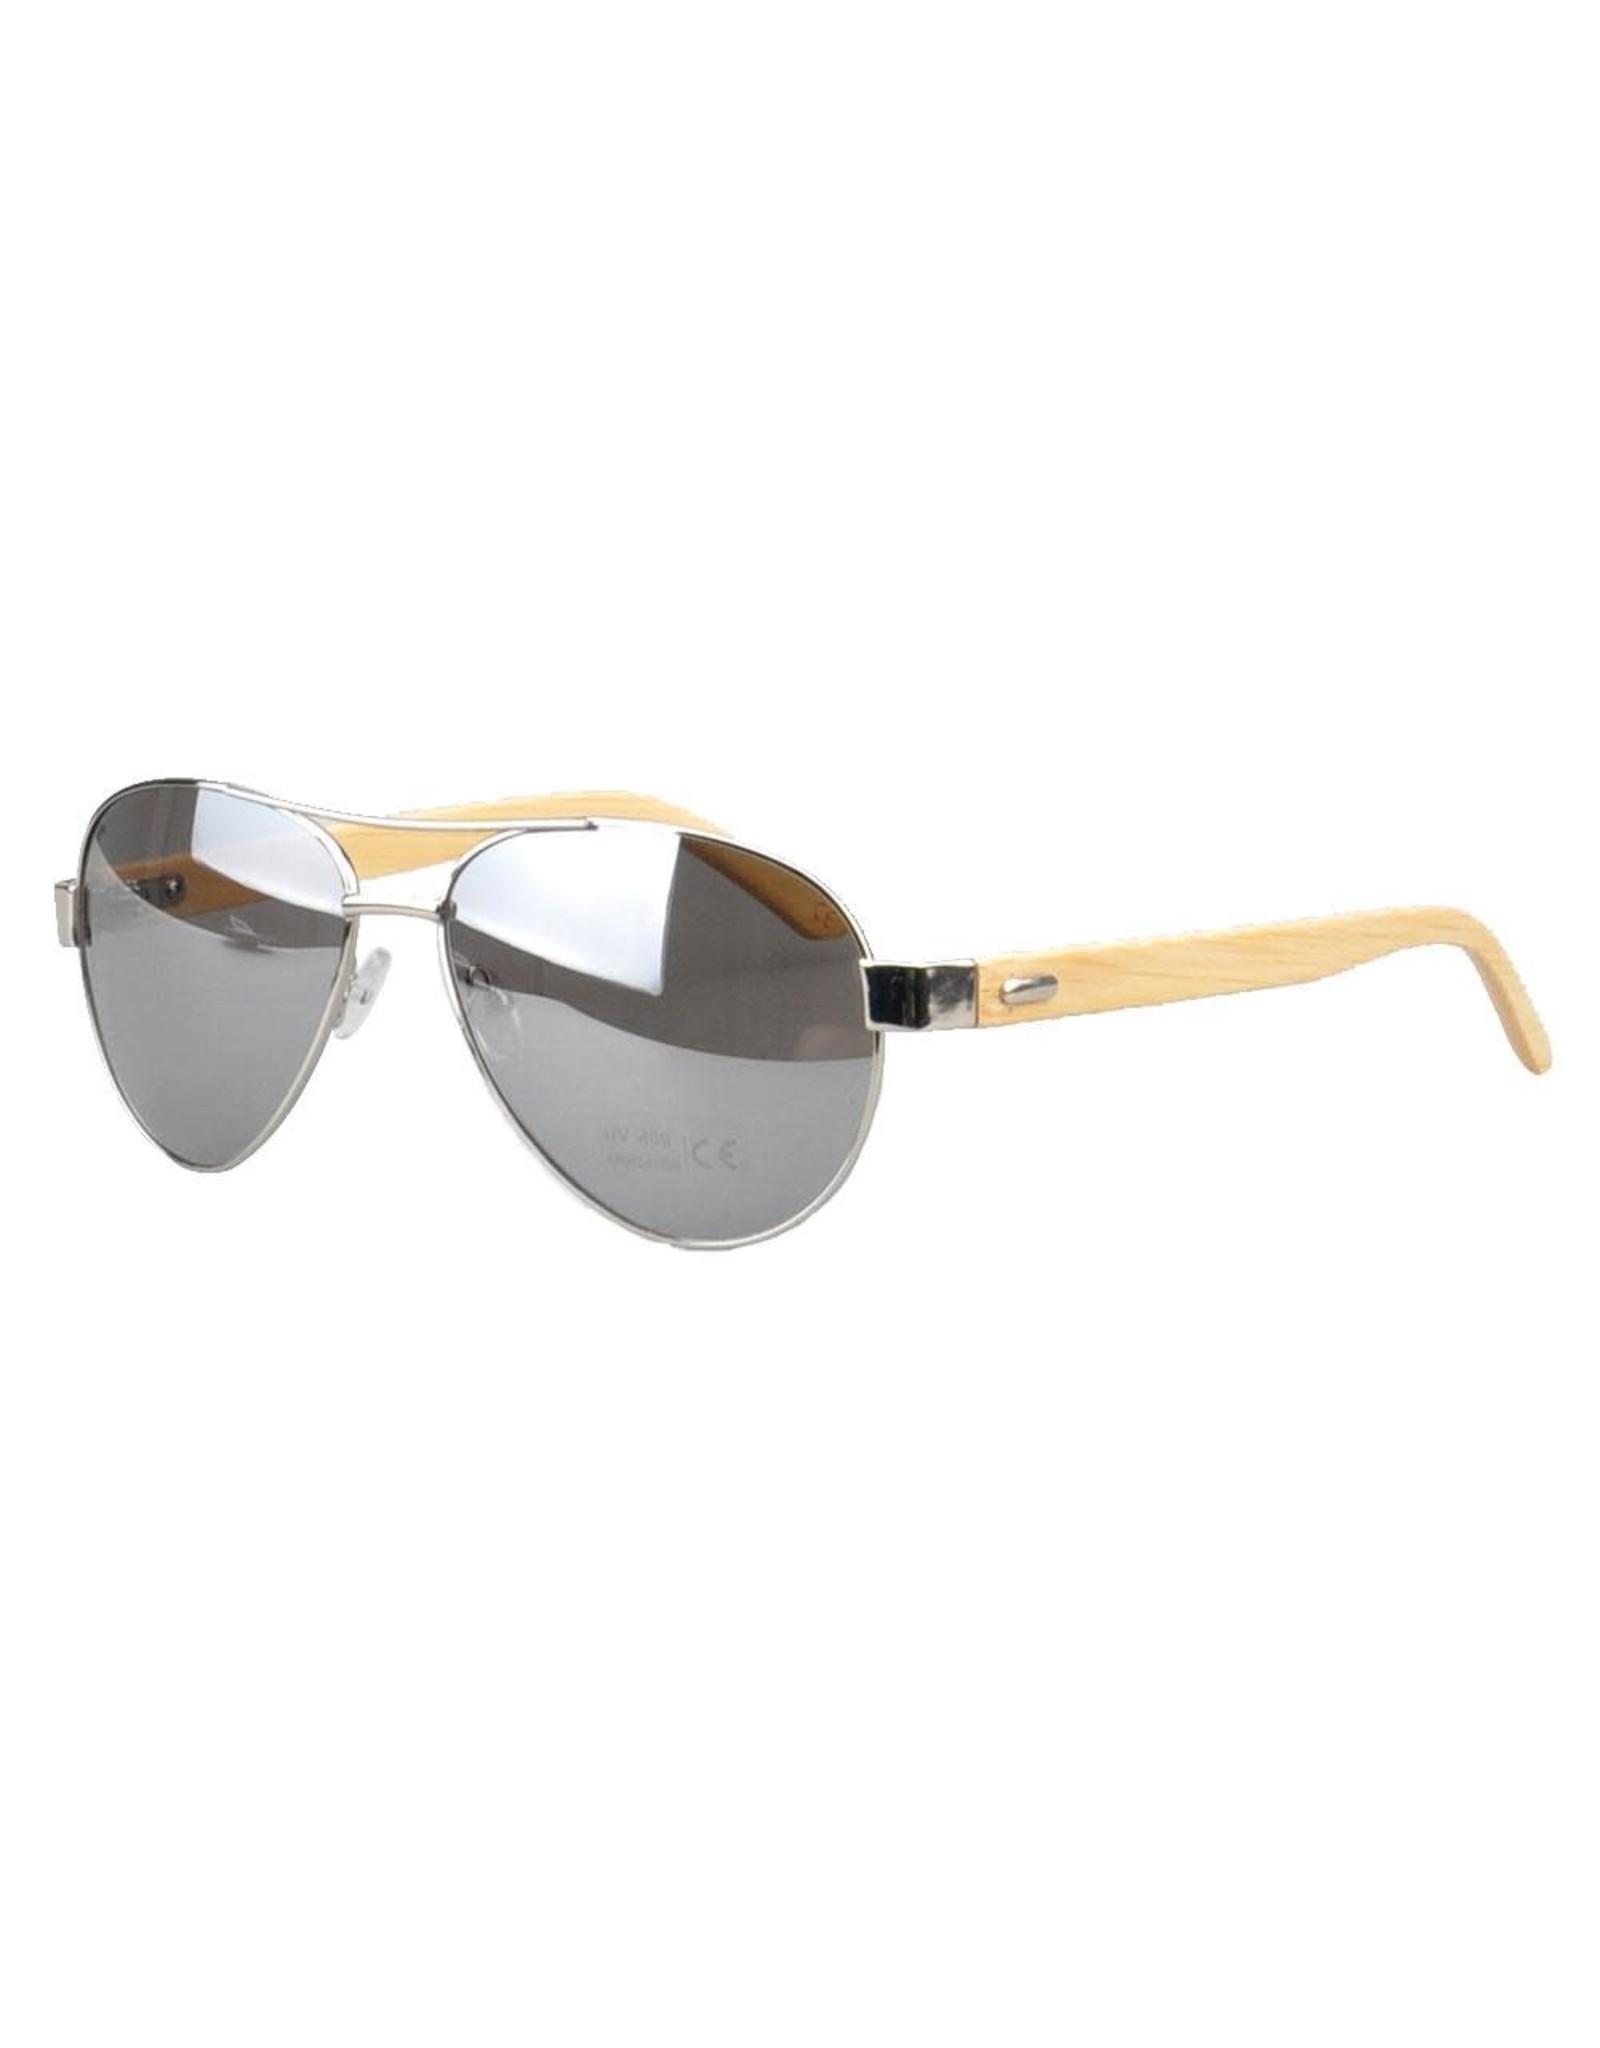 Jacaranda Silver Sunglasses